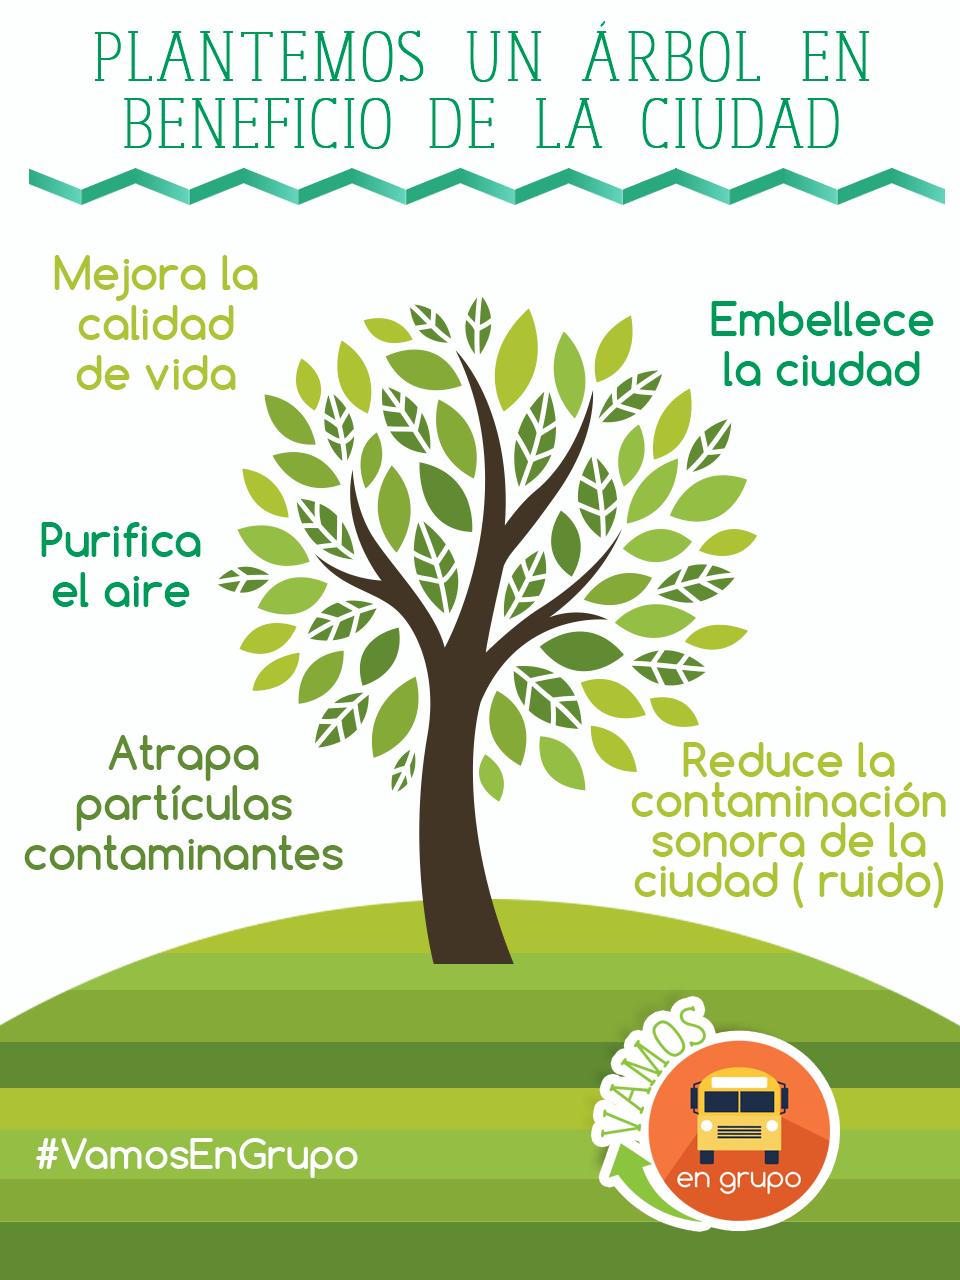 La importancia de los rboles cuid moslos nuestro for Porque son importantes los arboles wikipedia